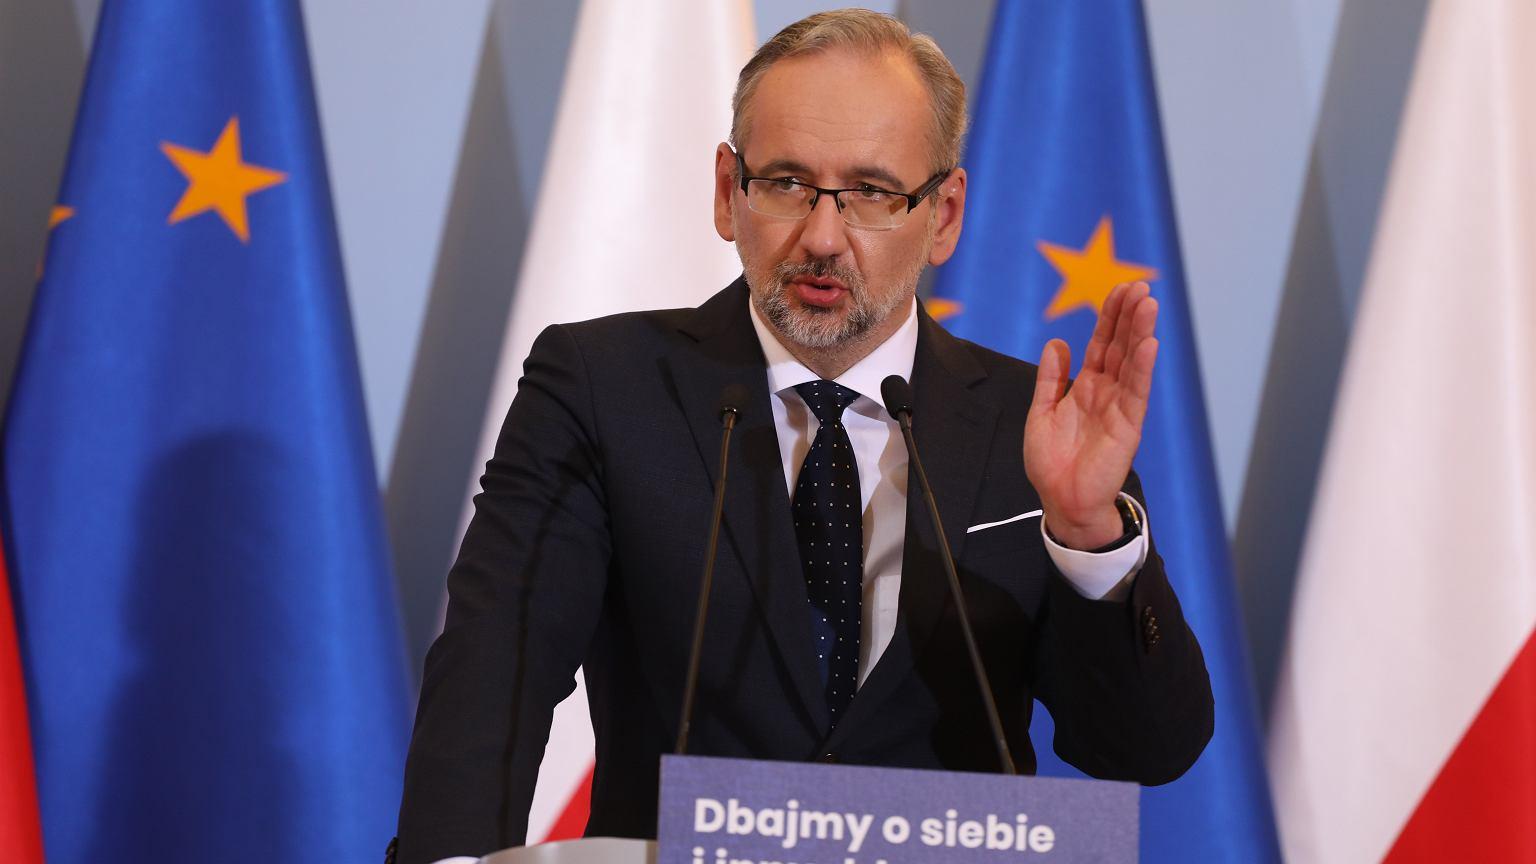 Nowe obostrzenia w Polsce od 1 lutego. Wa